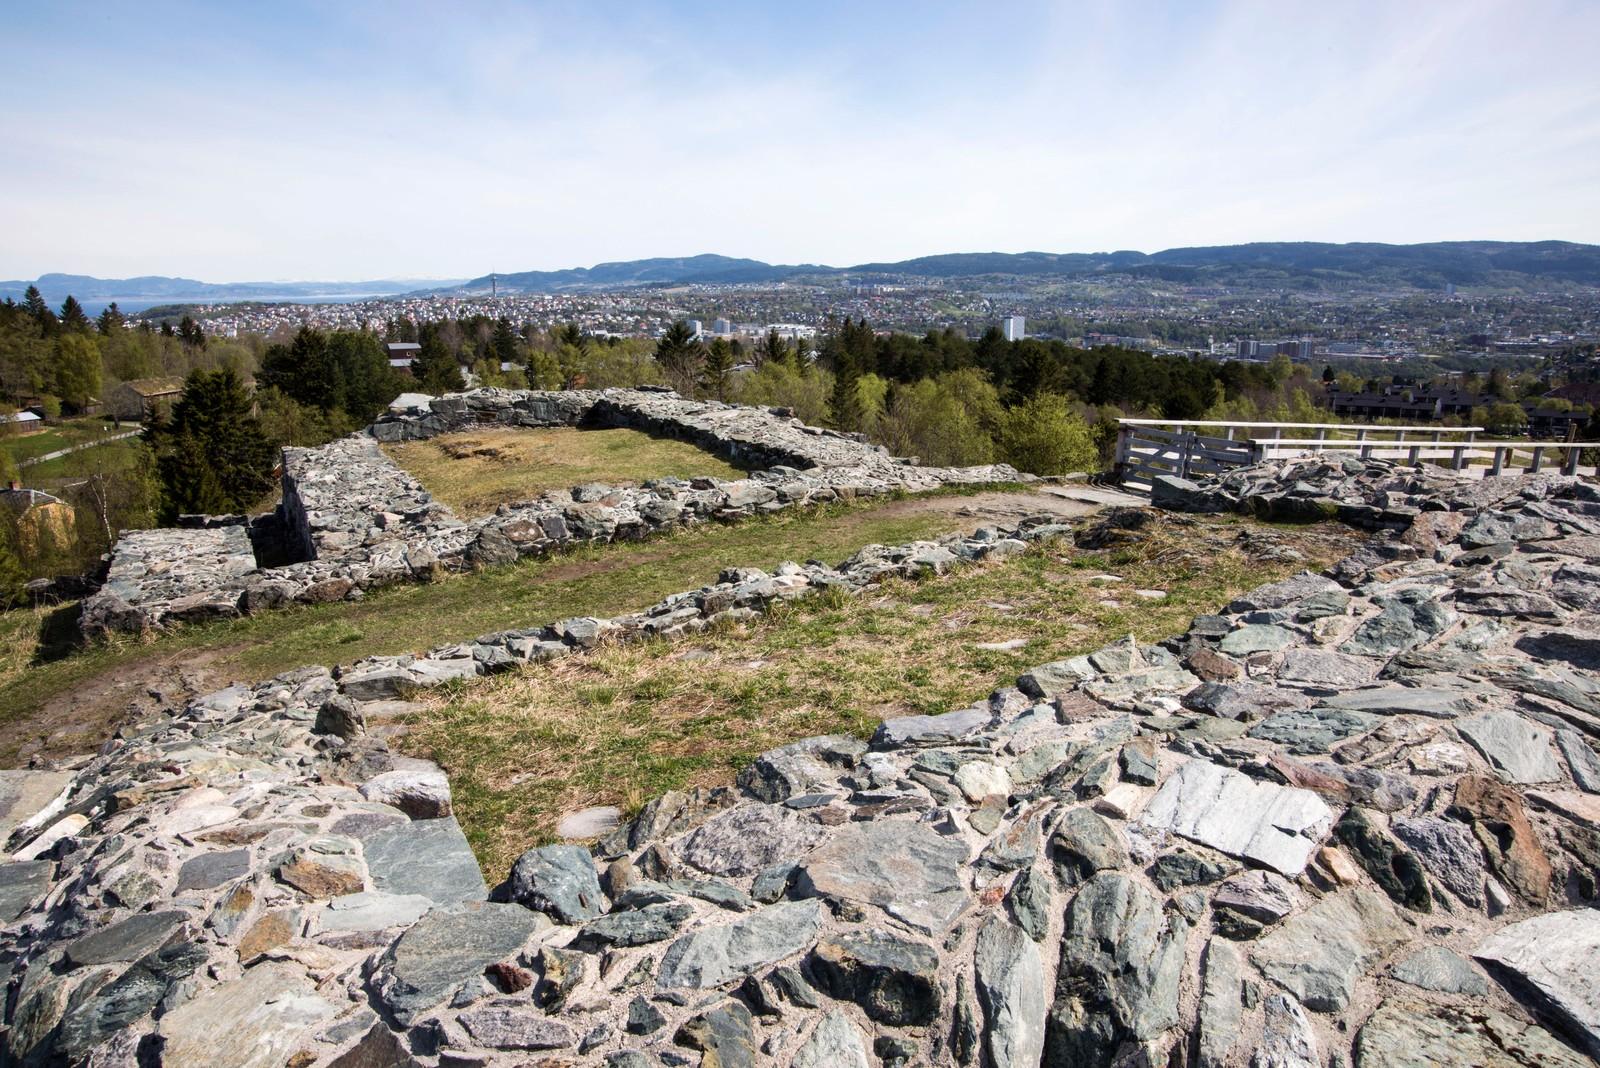 """Sverresborg Trøndelag Folkemuseum er bygd opp rundt ruinene av kong Sverres borg, Sion. Den var landets første borg med en stor ringmur av stein omkring, en såkalt """"ringborg"""", og bygd i 1182-83. Kong Sverre var leder for birkebeinerne, og som konge gjennom 25 år satte han betydelige spor etter seg. Blant annet la han grunnlaget for en ny kongeætt, Sverreætten, som regjerte fram til unionen med Danmark. Ættens våpenskjold er utgangspunkt for Norges riksvåpen, en løve i gull på rød bunn."""